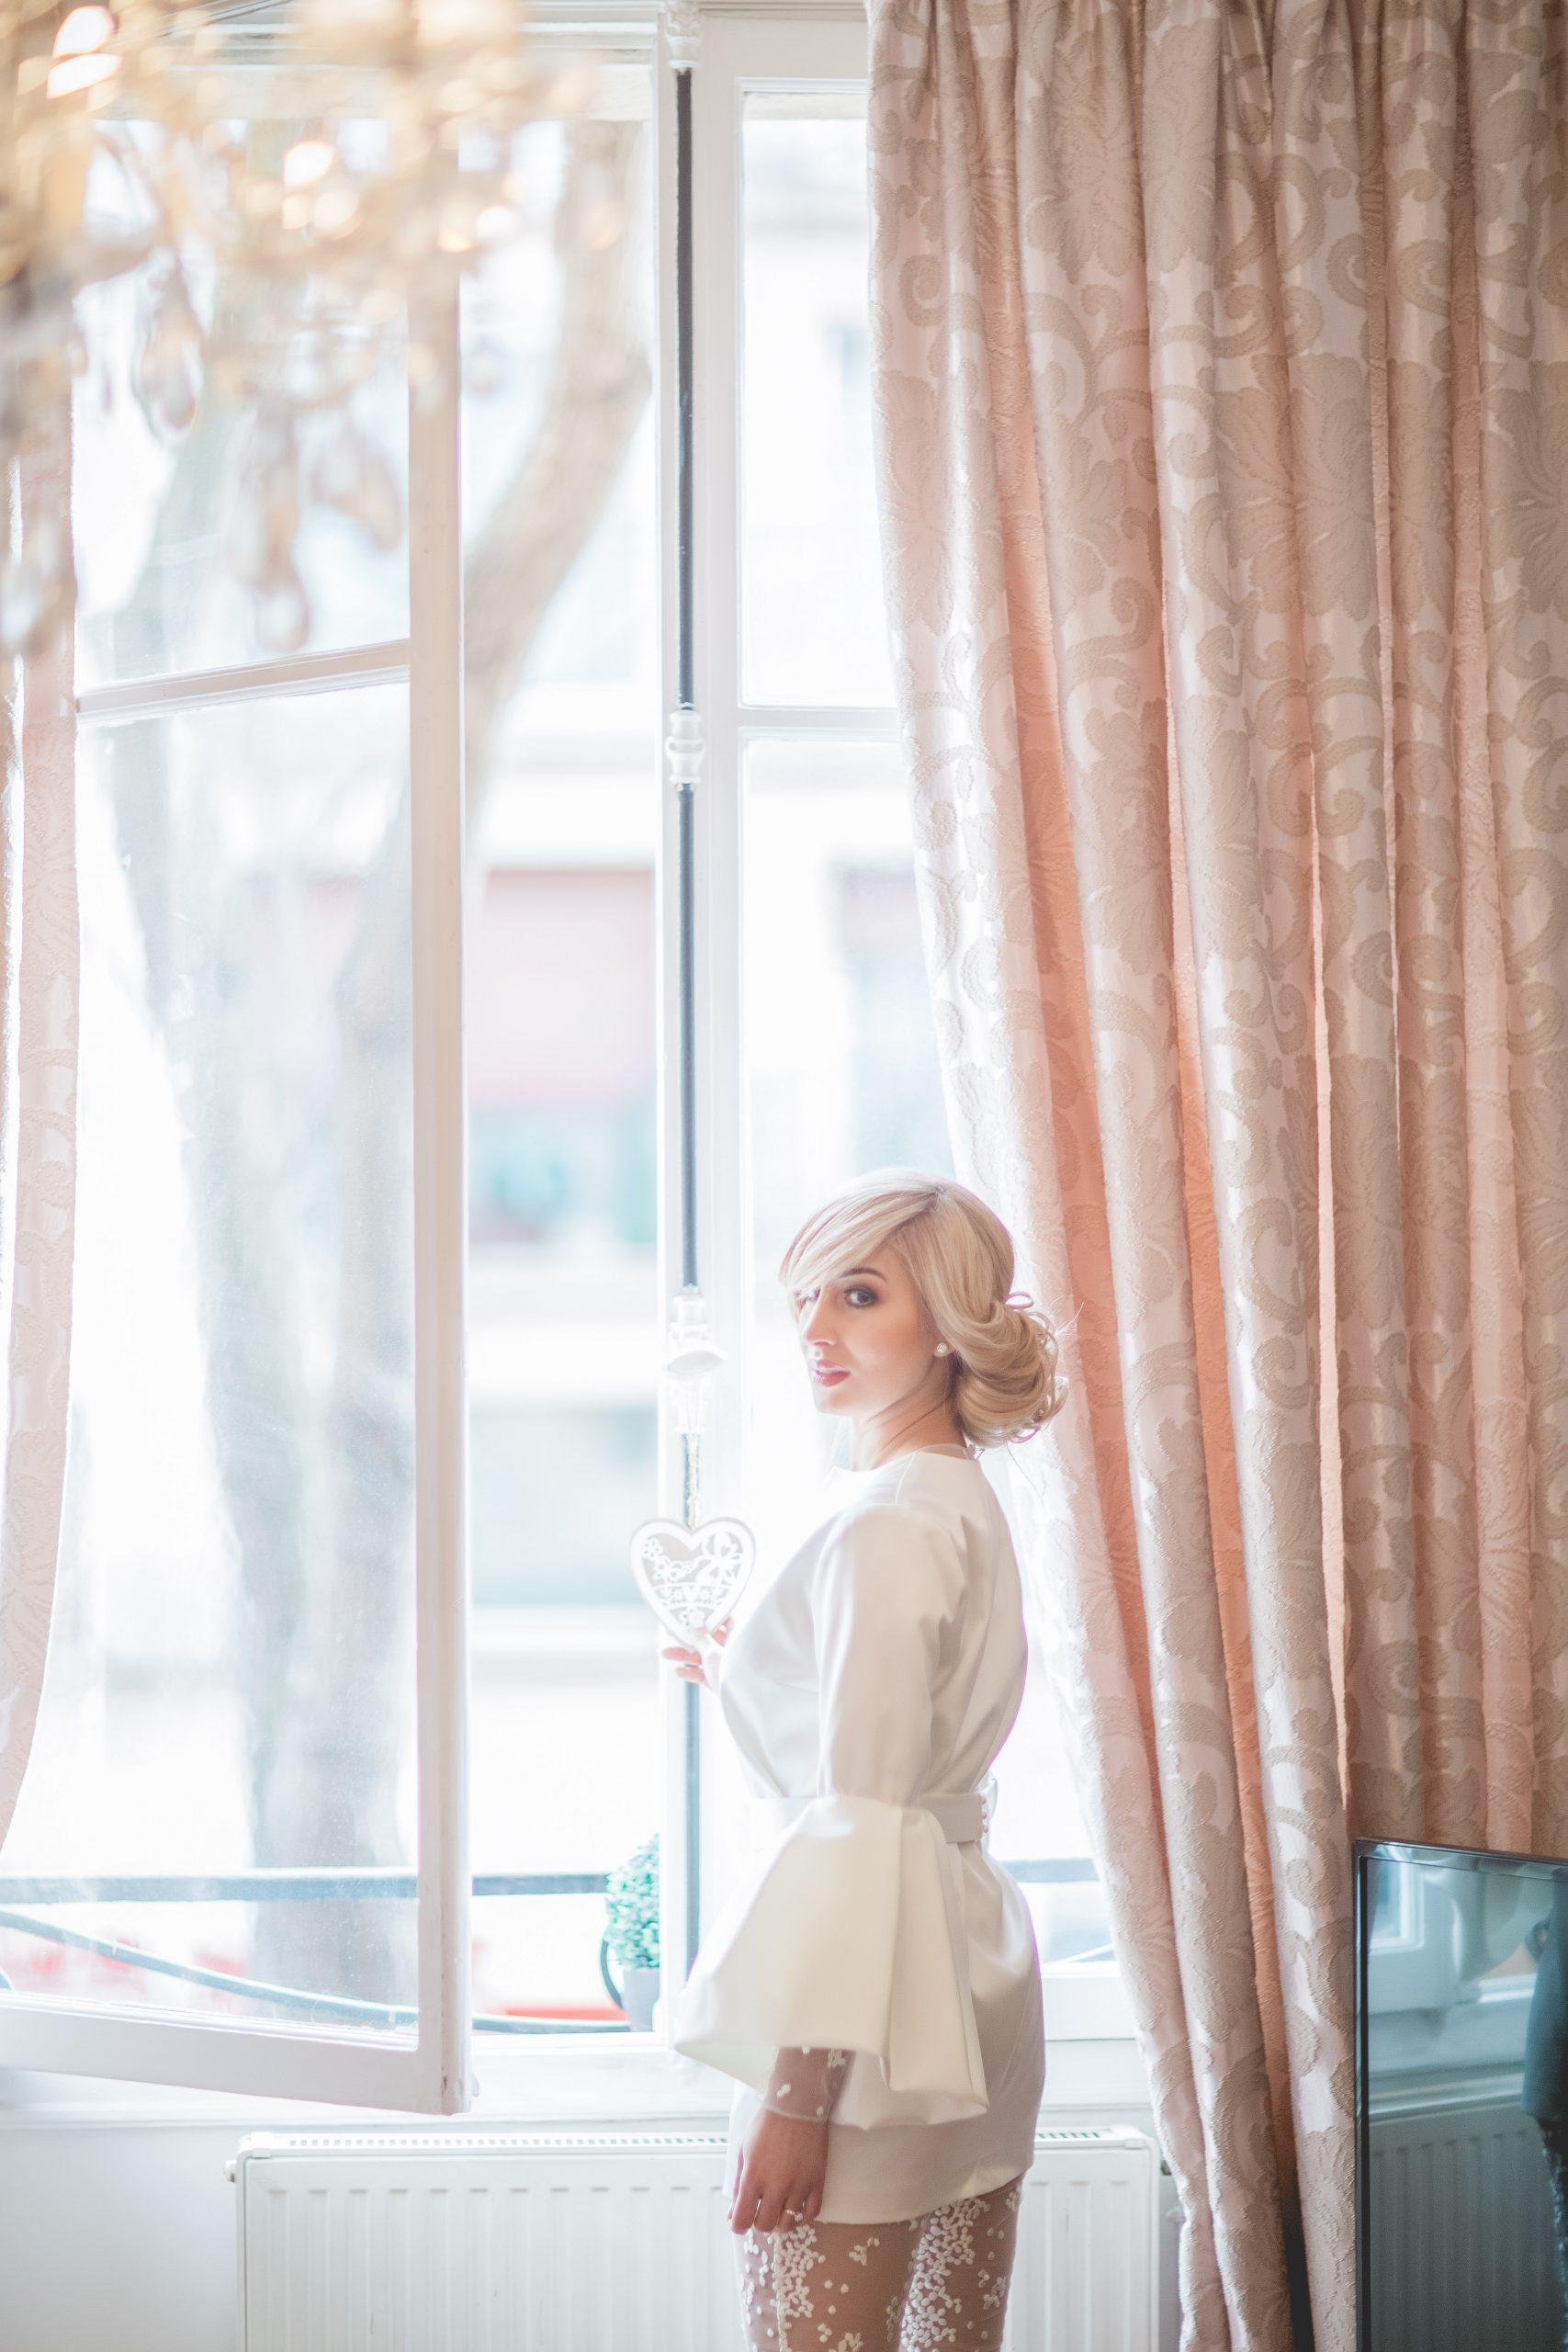 preparatif-mariage-preparatifs-mariée-paris-16